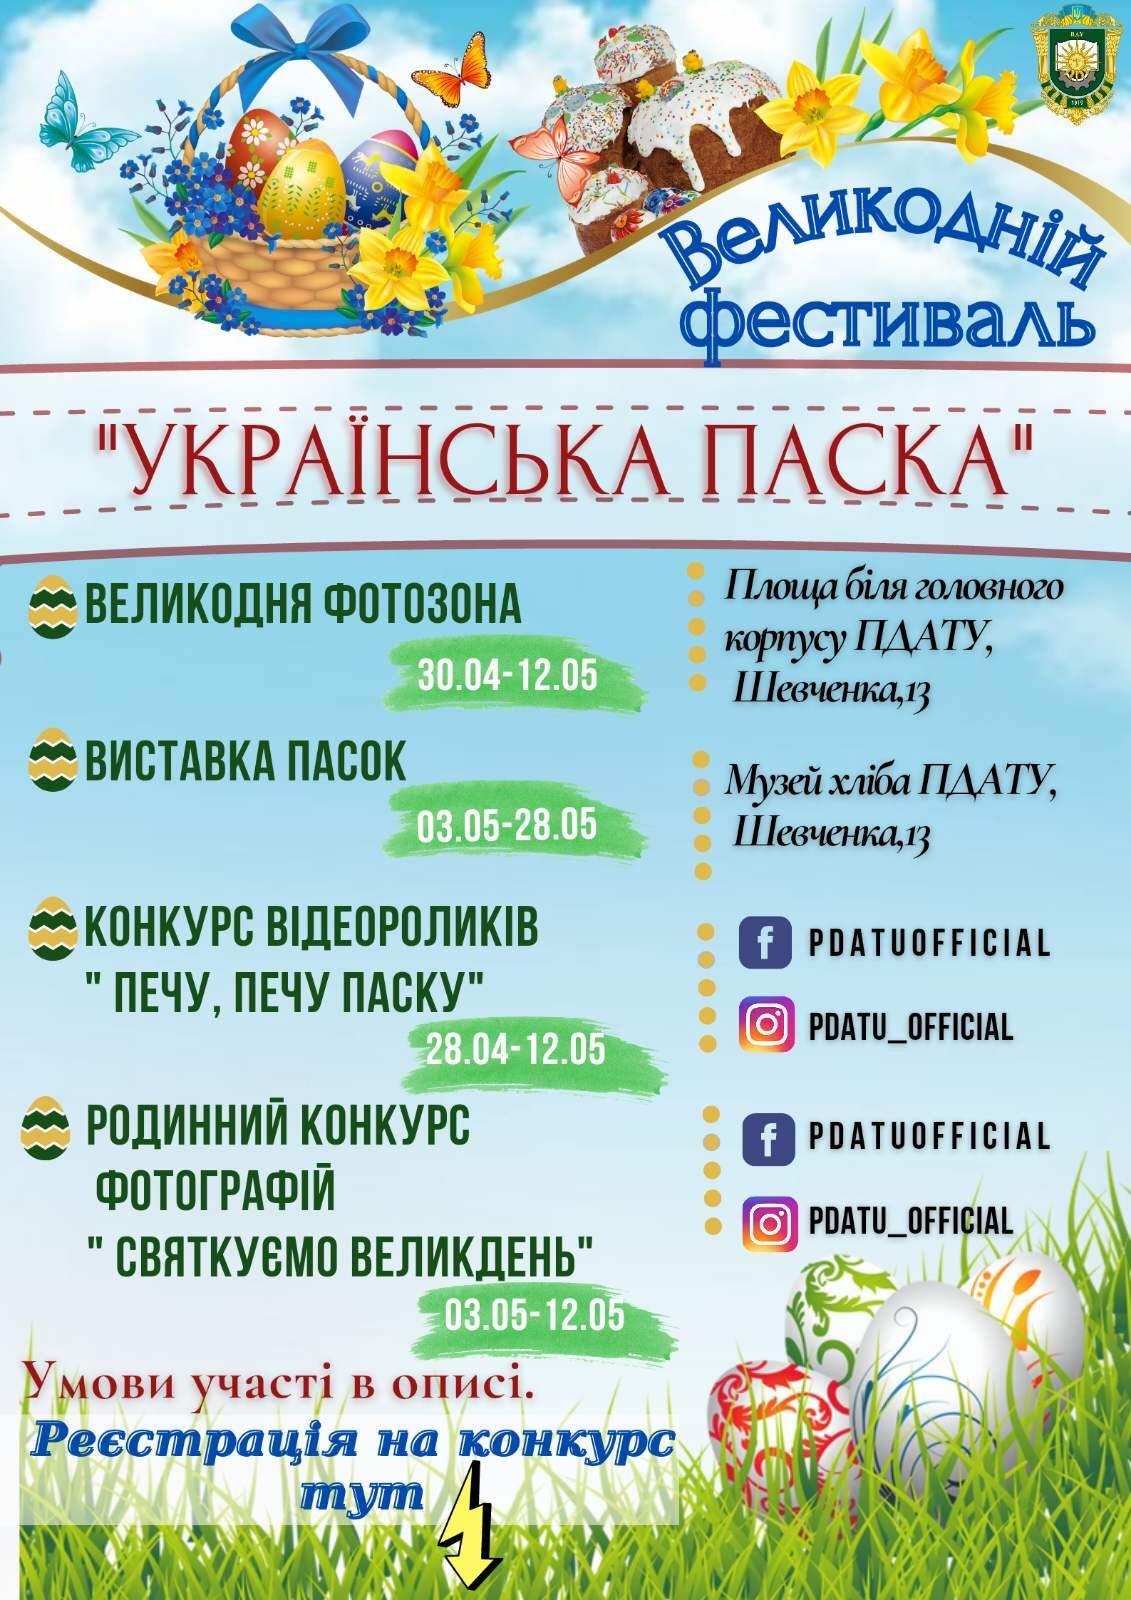 """Великодній фестиваль """"Українська паска"""" у Кам'янці-Подільському, фото-1"""